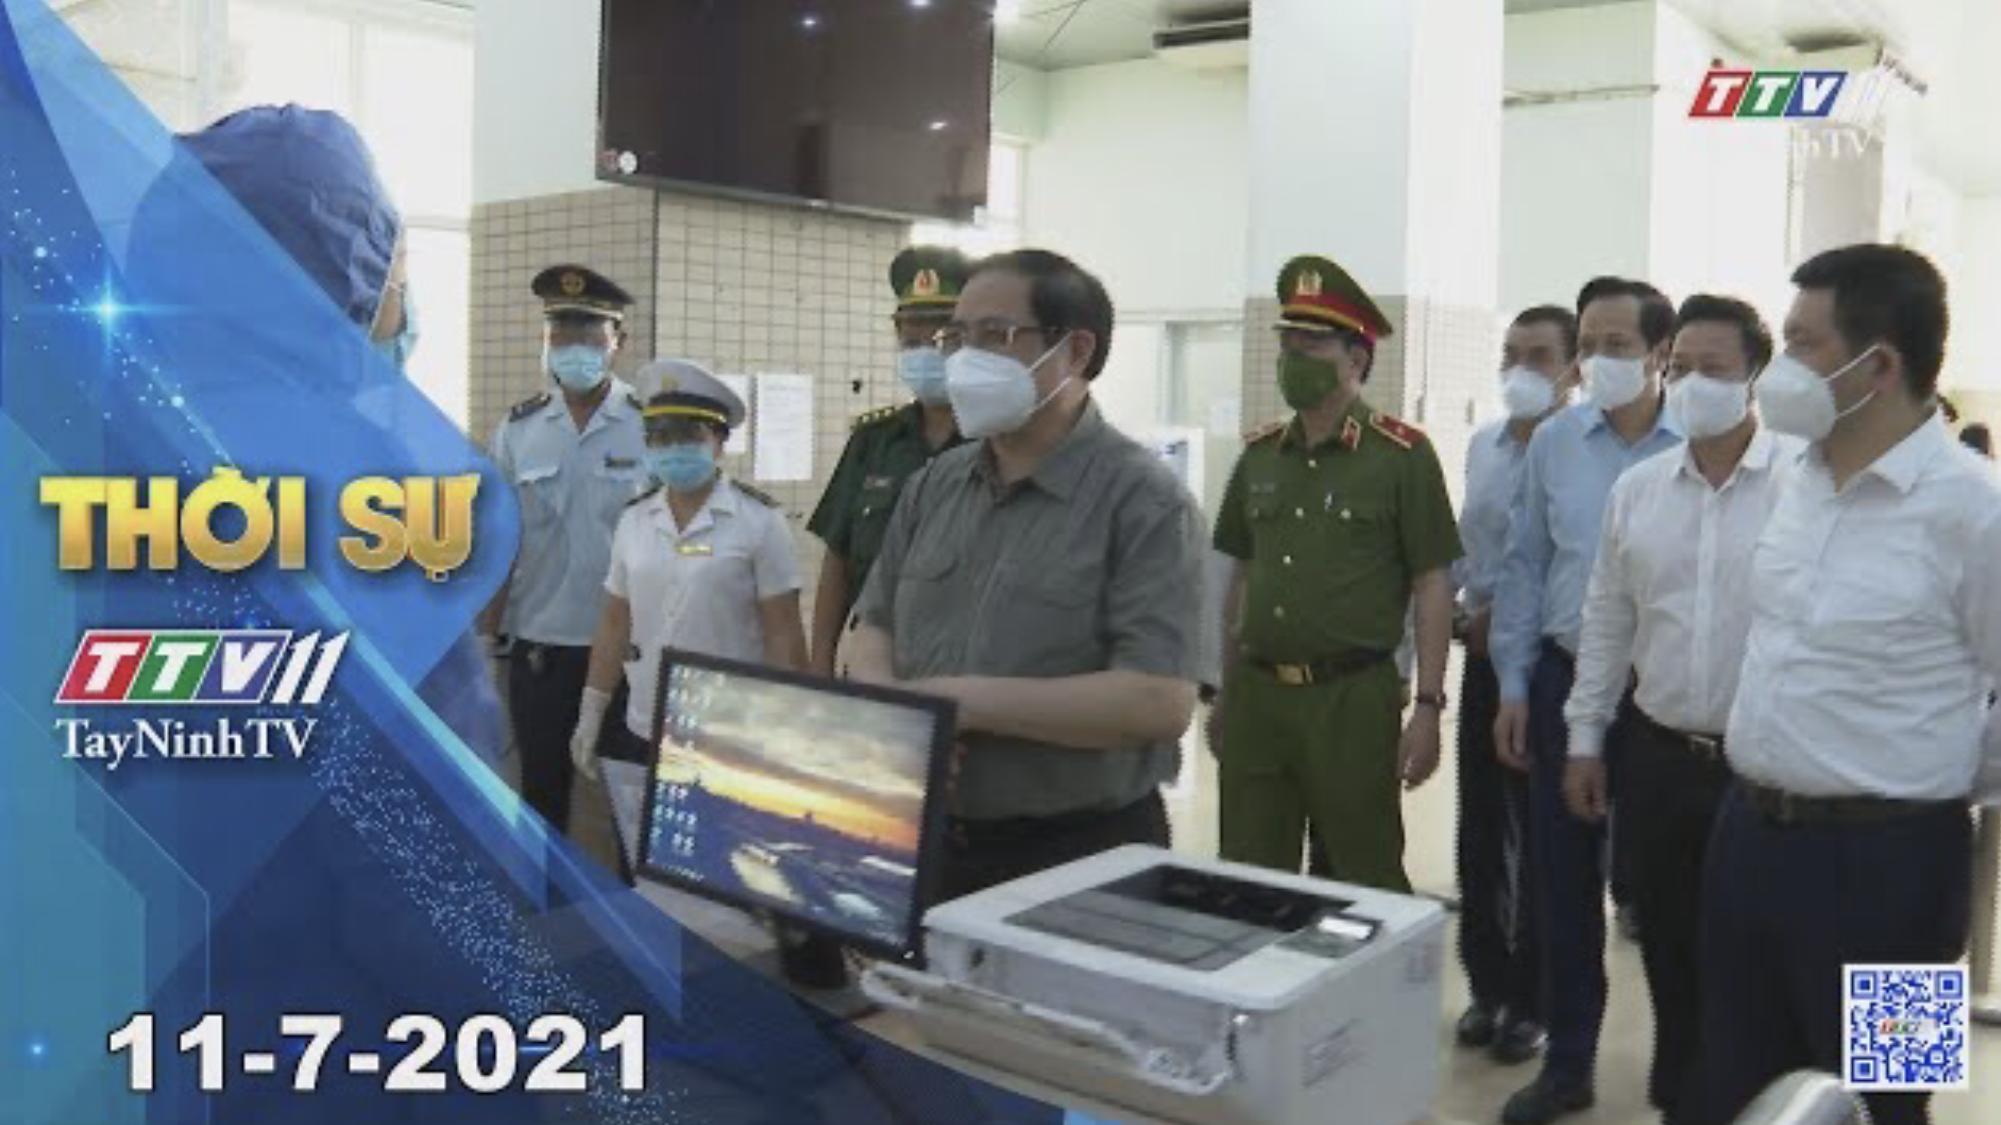 Thời sự Tây Ninh 11-7-2021   Tin tức hôm nay   TayNinhTV